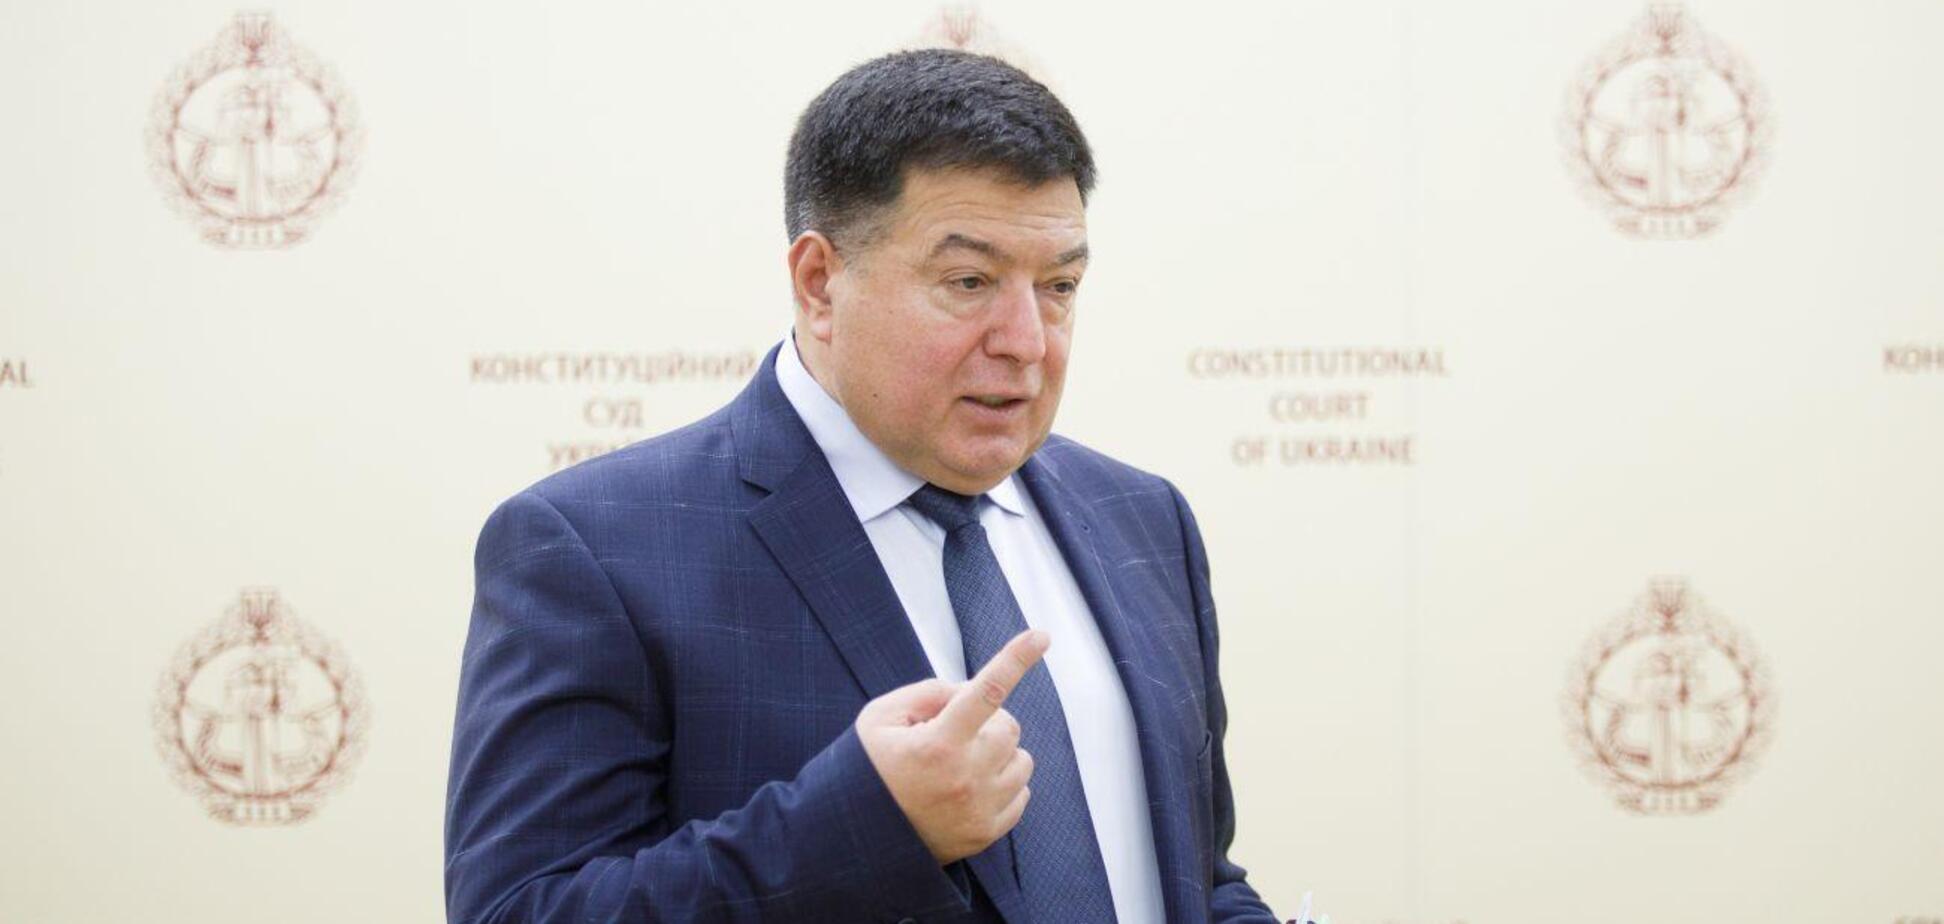 Тупицький обіцяє з'явитися в суд